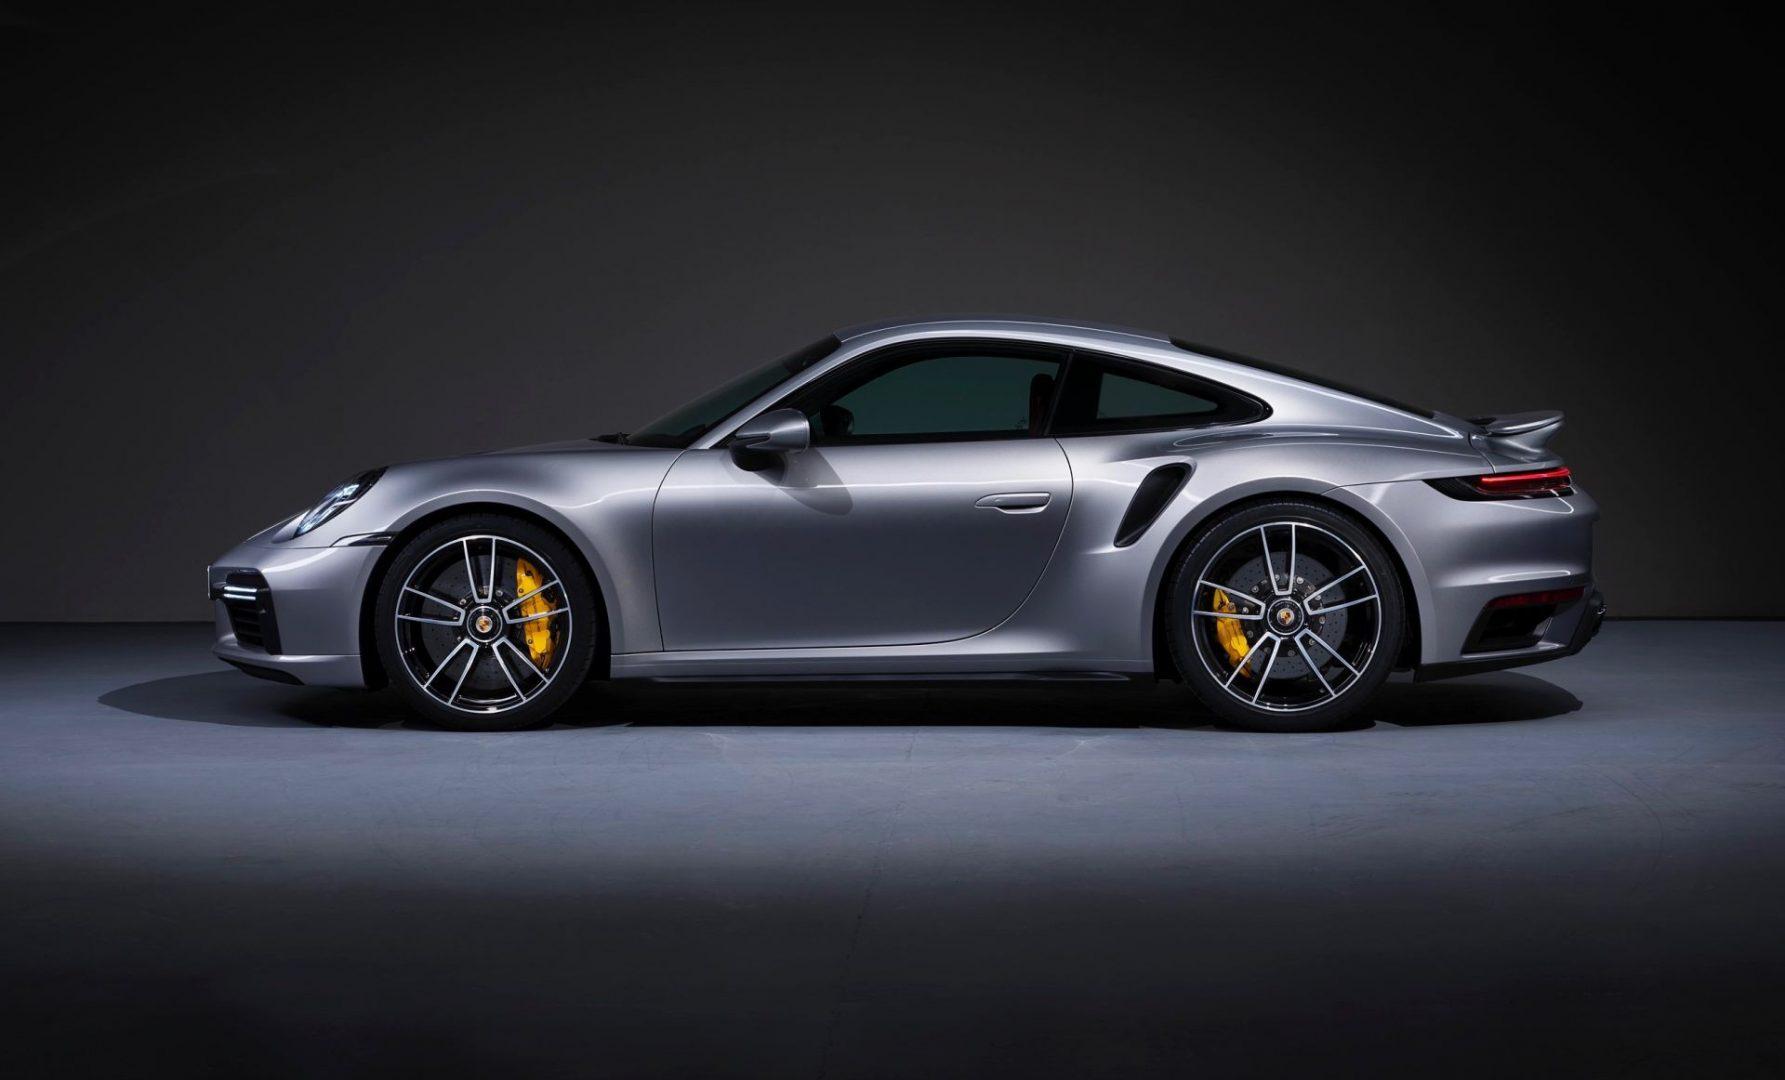 Novi Porsche 911 Turbo S dolazi sa 650 KS, čak 70 KS više od prethodnika